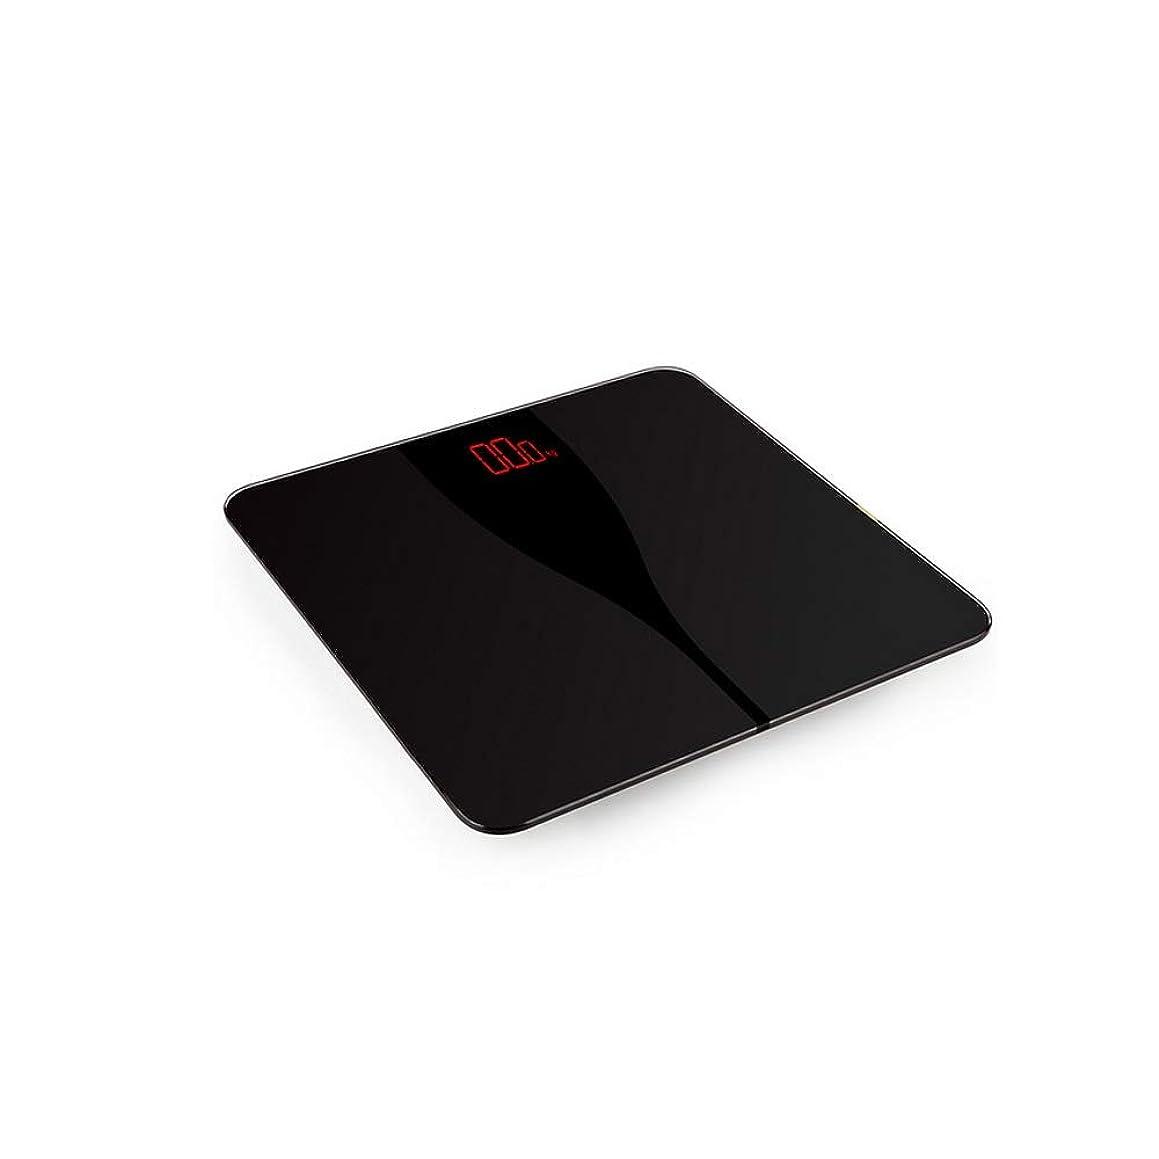 によってロッジ村HUCHAOQIXIU デジタル体重計、高品質8mm強化ガラス、超ワイドプラットフォーム、読みやすいバックライト付き、400ポンド、バッテリースタイル (Color : Black)